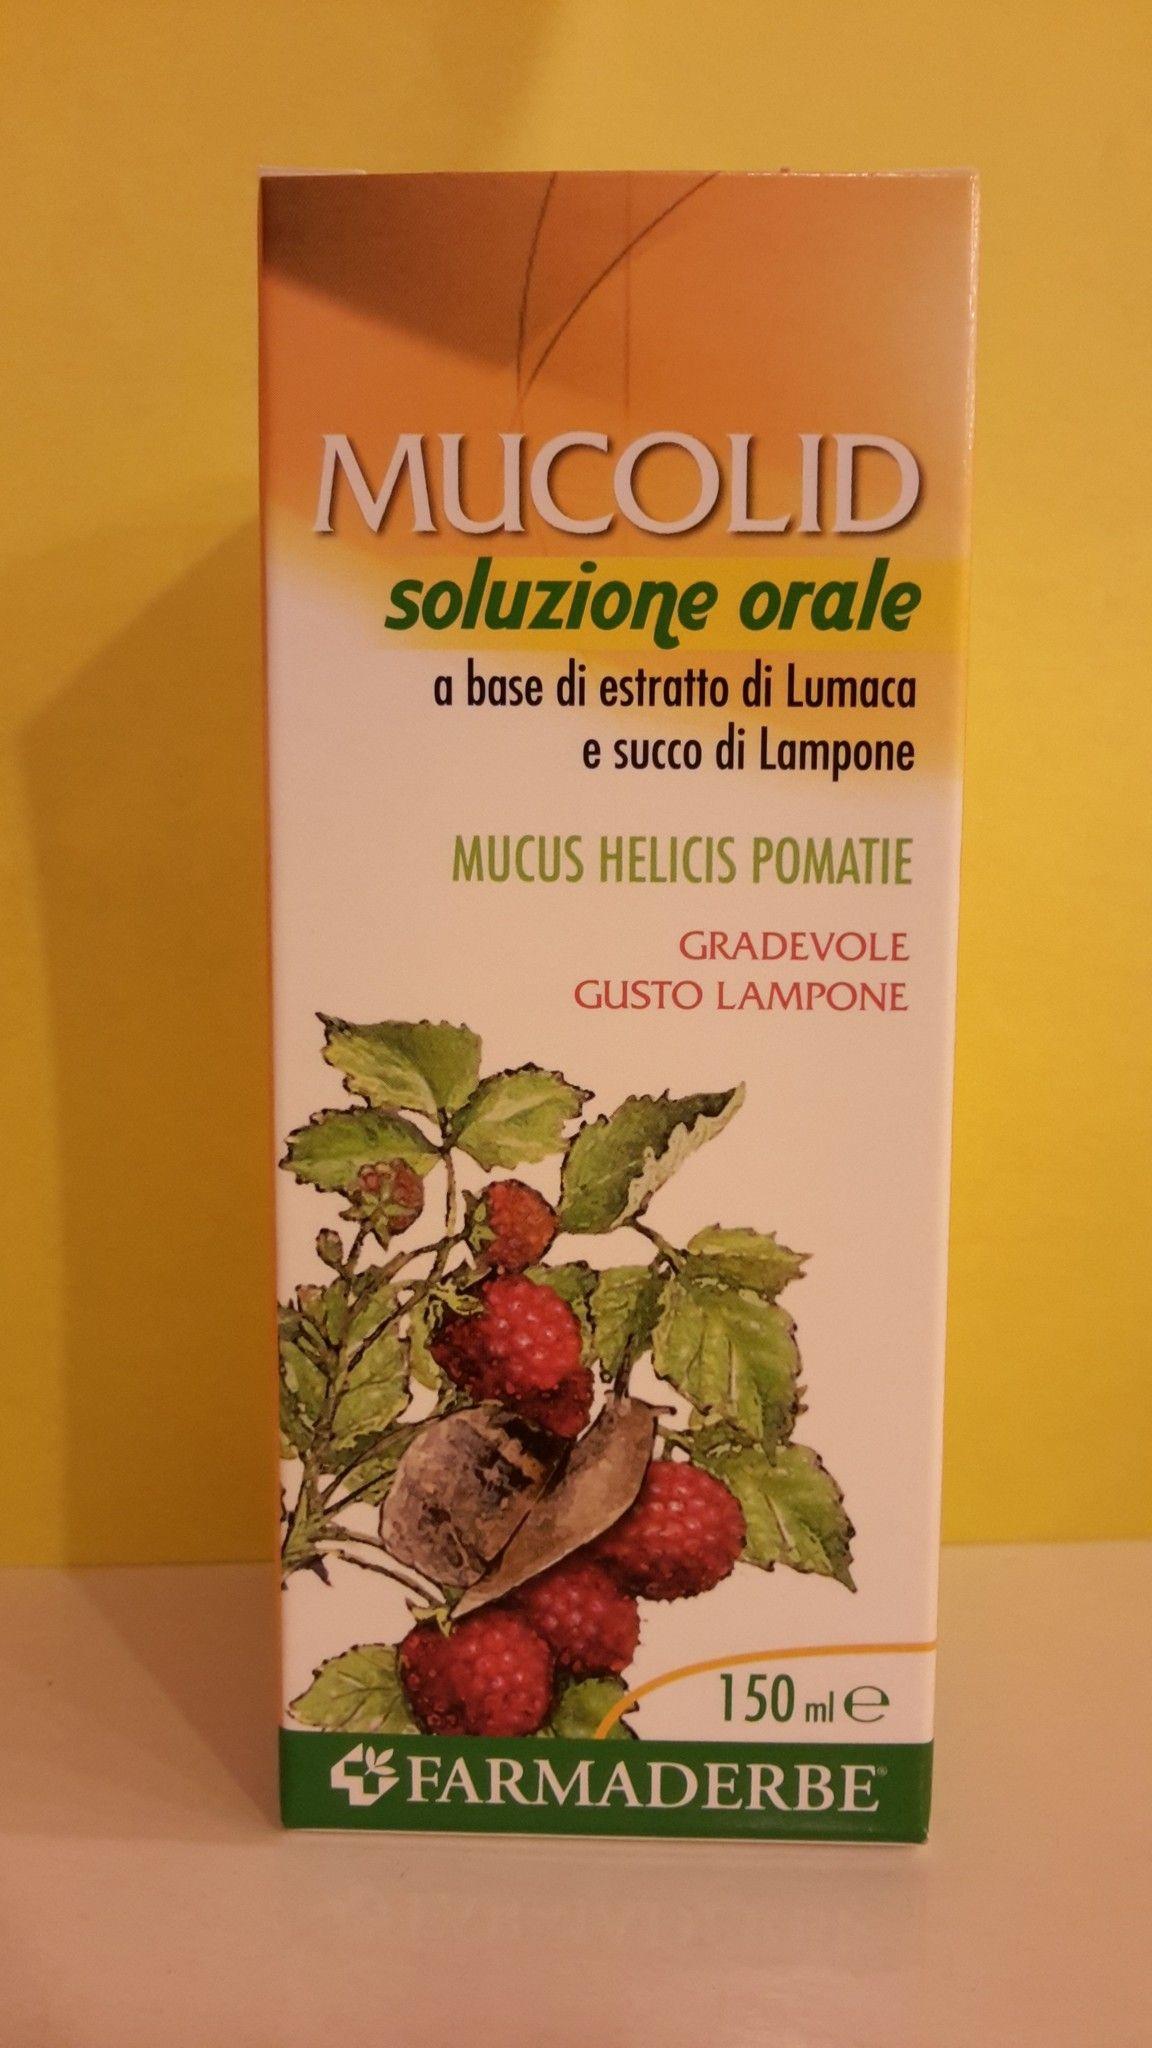 MUCOLID  balsamico  Sciroppo di LUMACA  150 ml - FARMADERBE